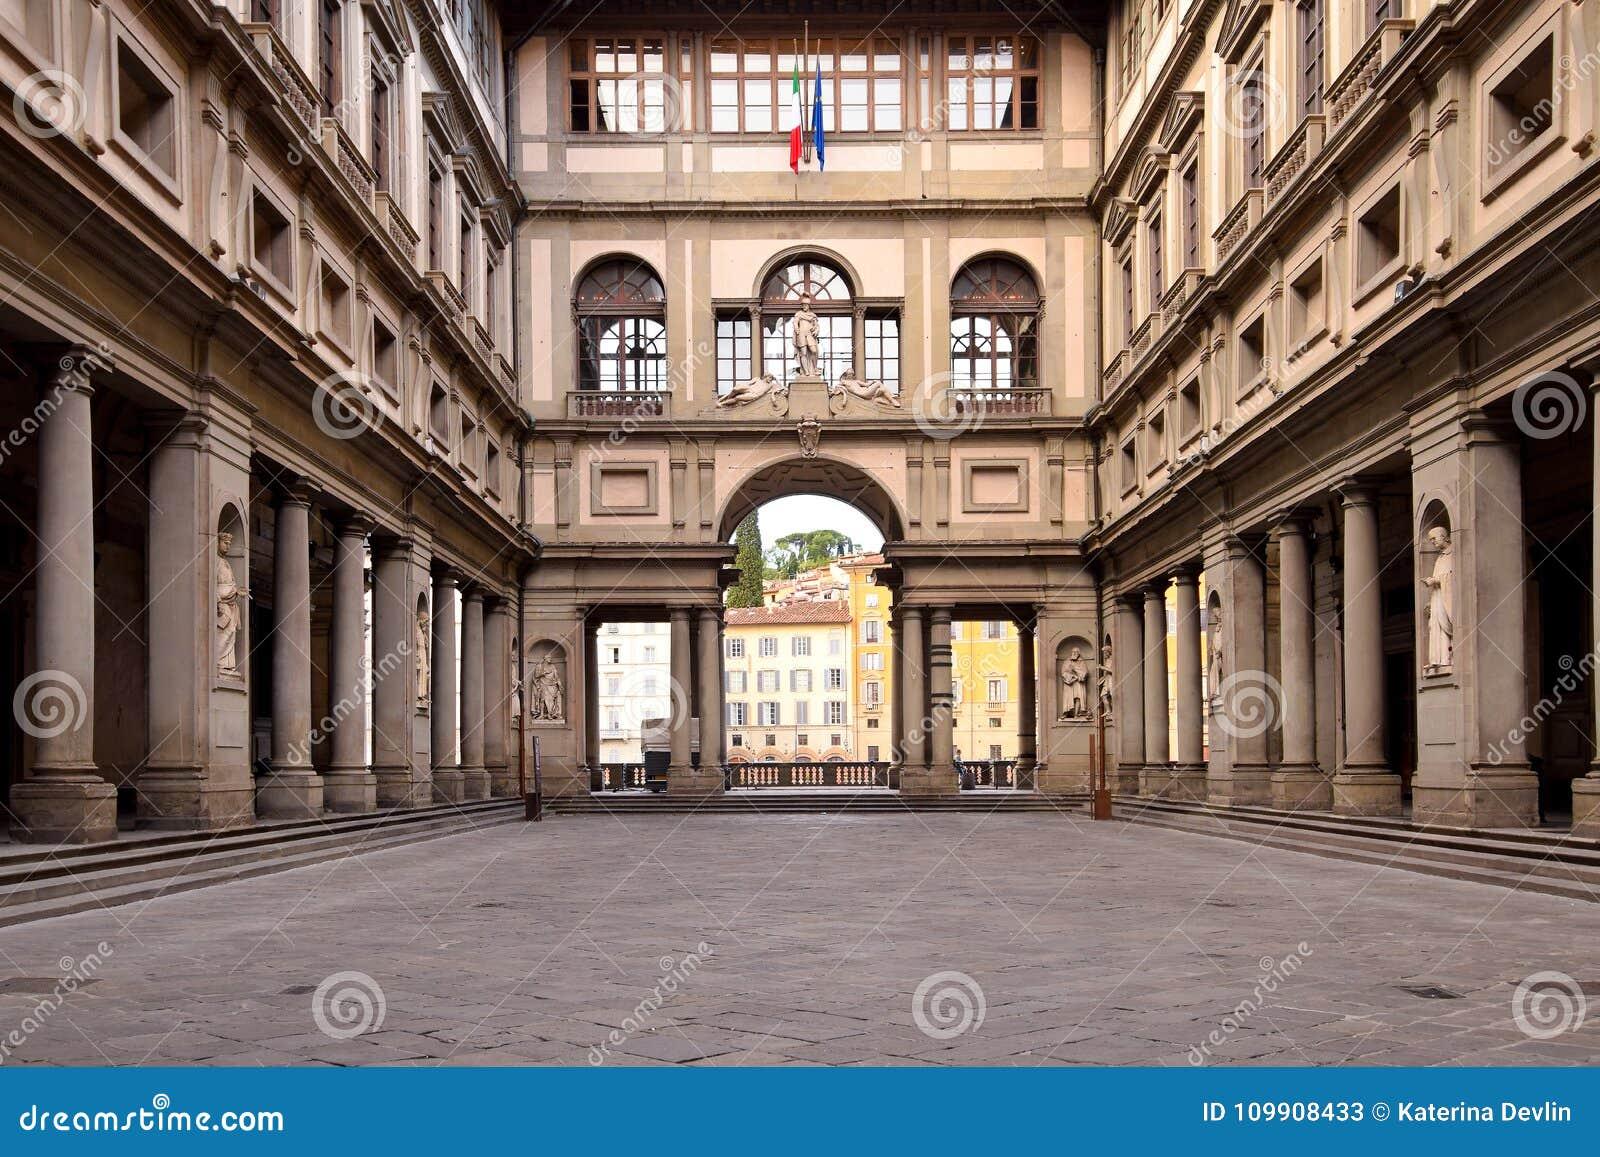 Die Uffizi-Galerie in Florenz